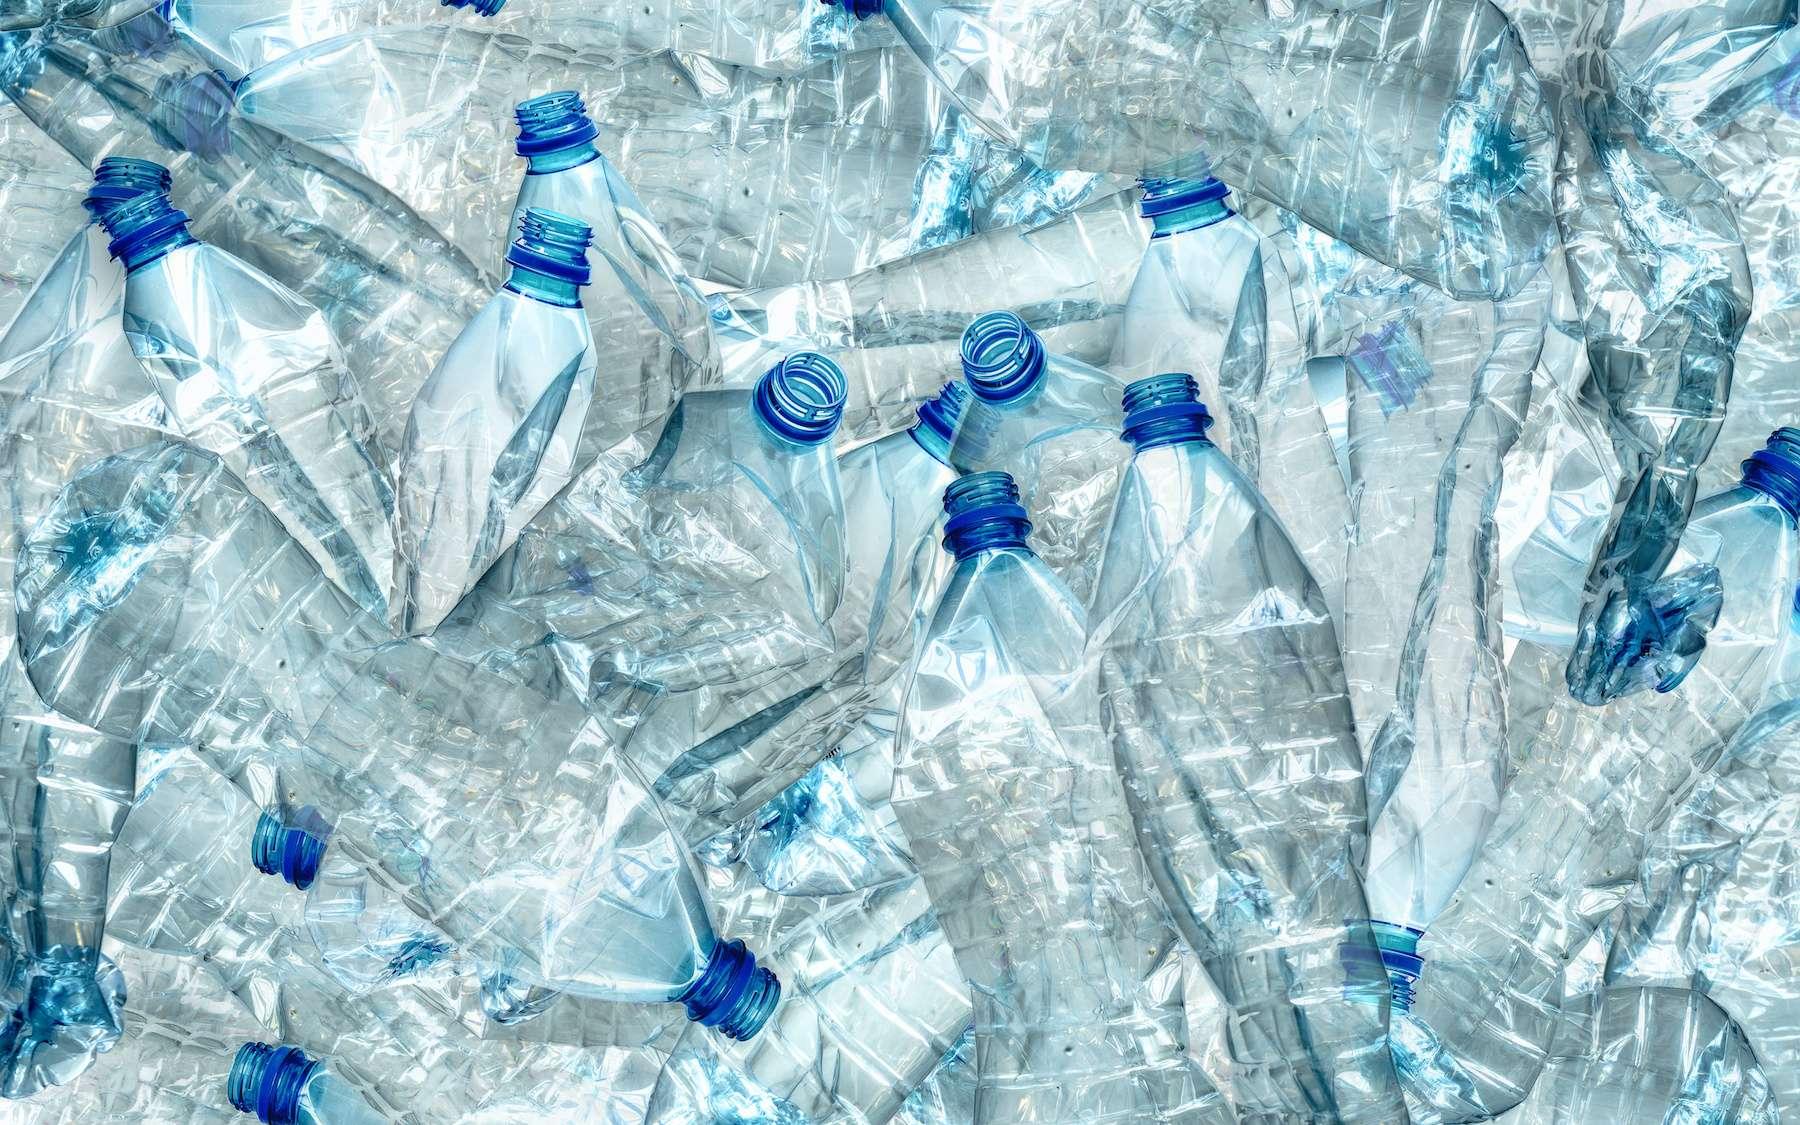 Cette nouvelle super enzyme dégrade le plastique six fois plus vite. © Roman Milert, Adobe Stock